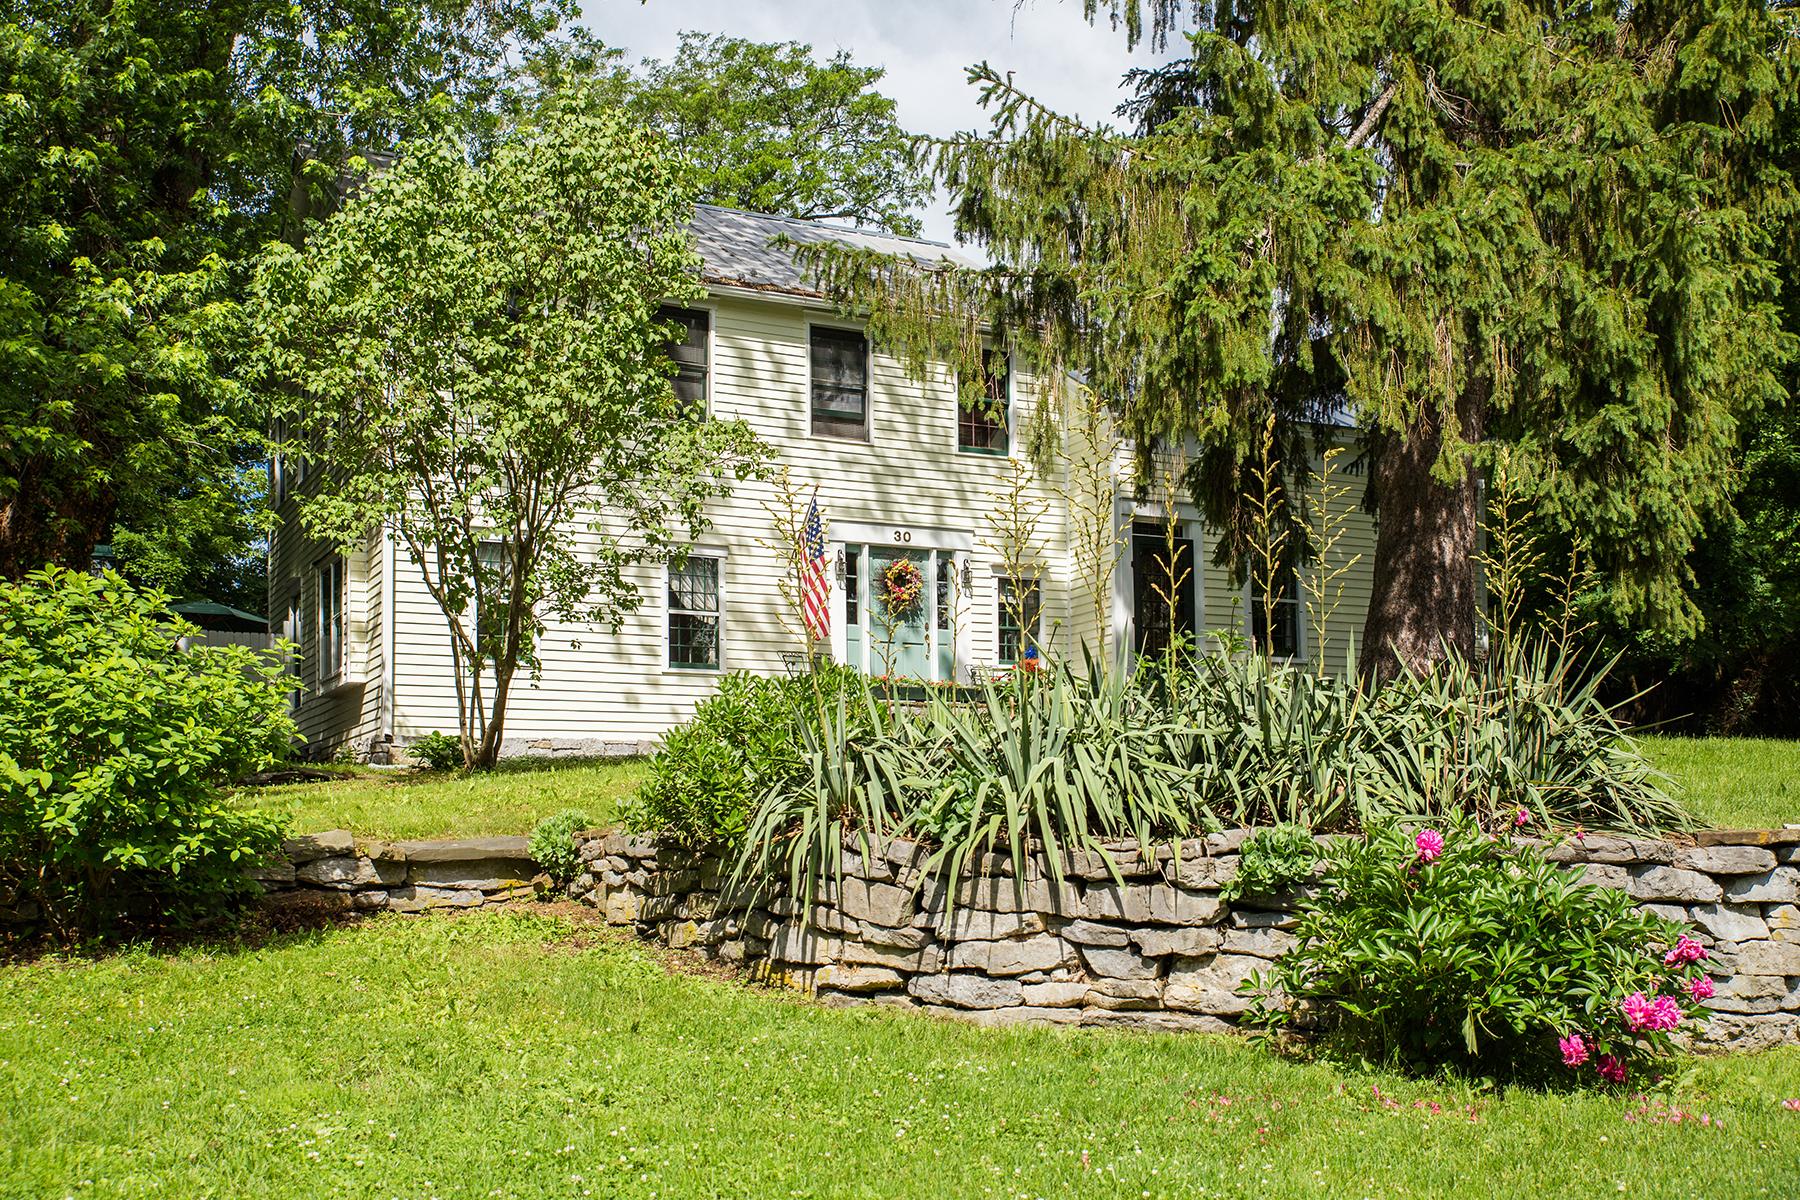 Casa Unifamiliar por un Venta en Historic Village of Kinderhook Home 30 William Street Kinderhook, Nueva York 12106 Estados Unidos